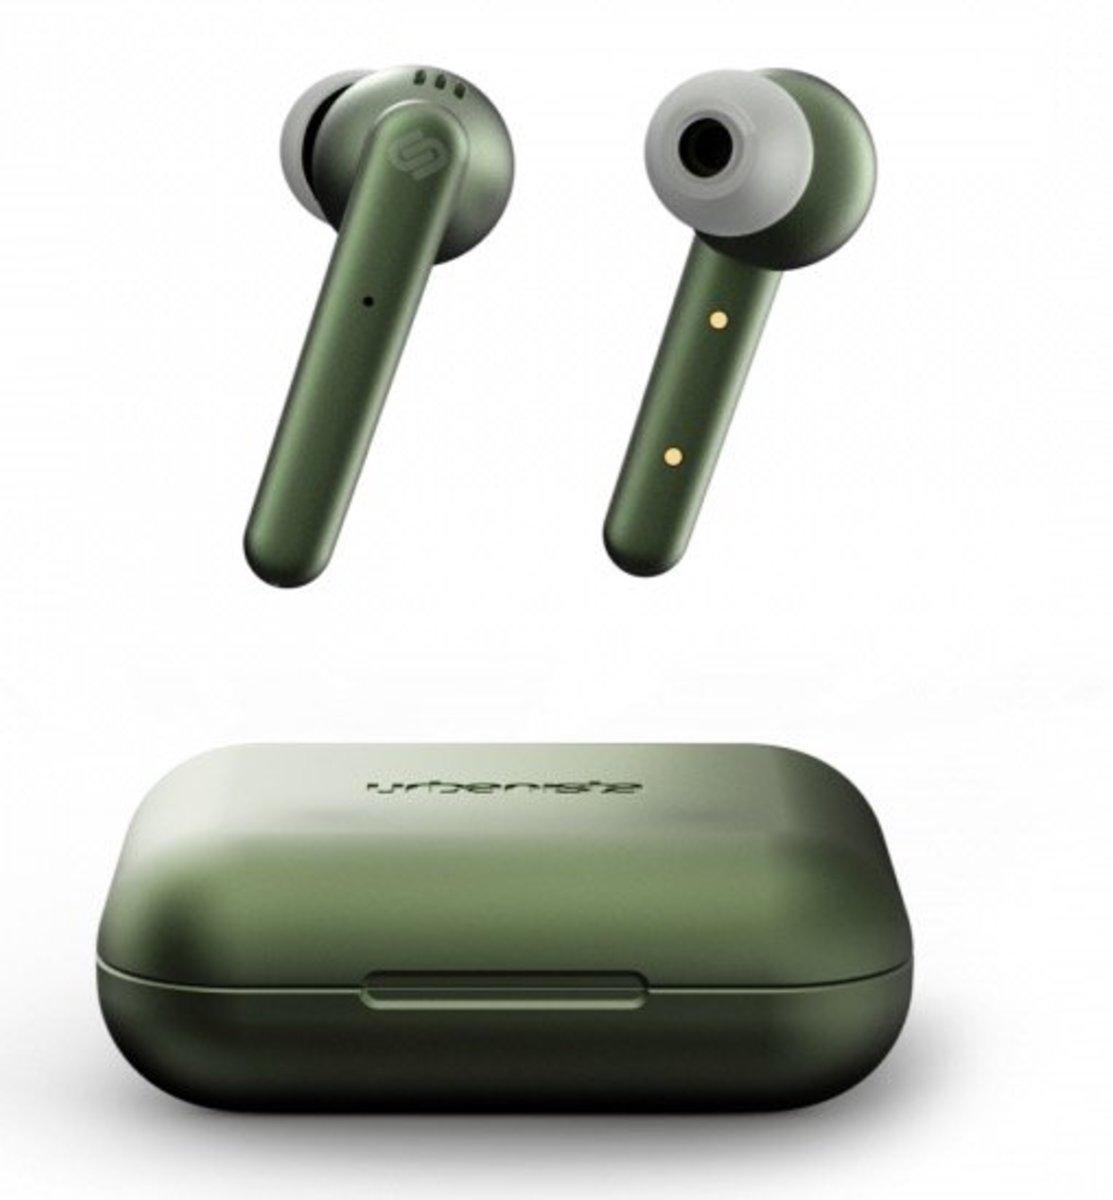 PARIS 無線充電真無線藍牙5.0耳機[綠色]